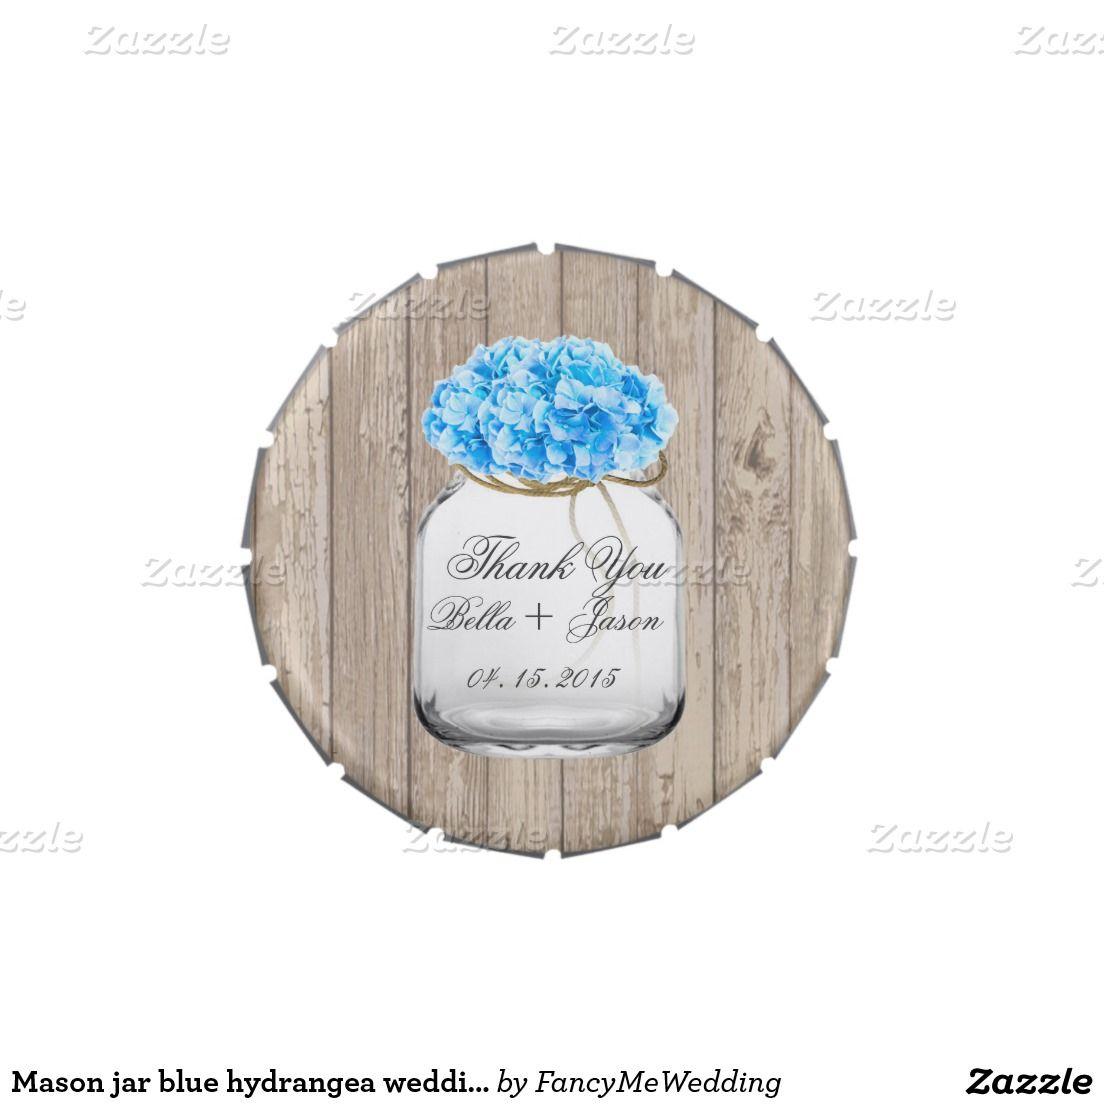 Mason jar blue hydrangea wedding favors hyd2 jelly belly candy tins ...